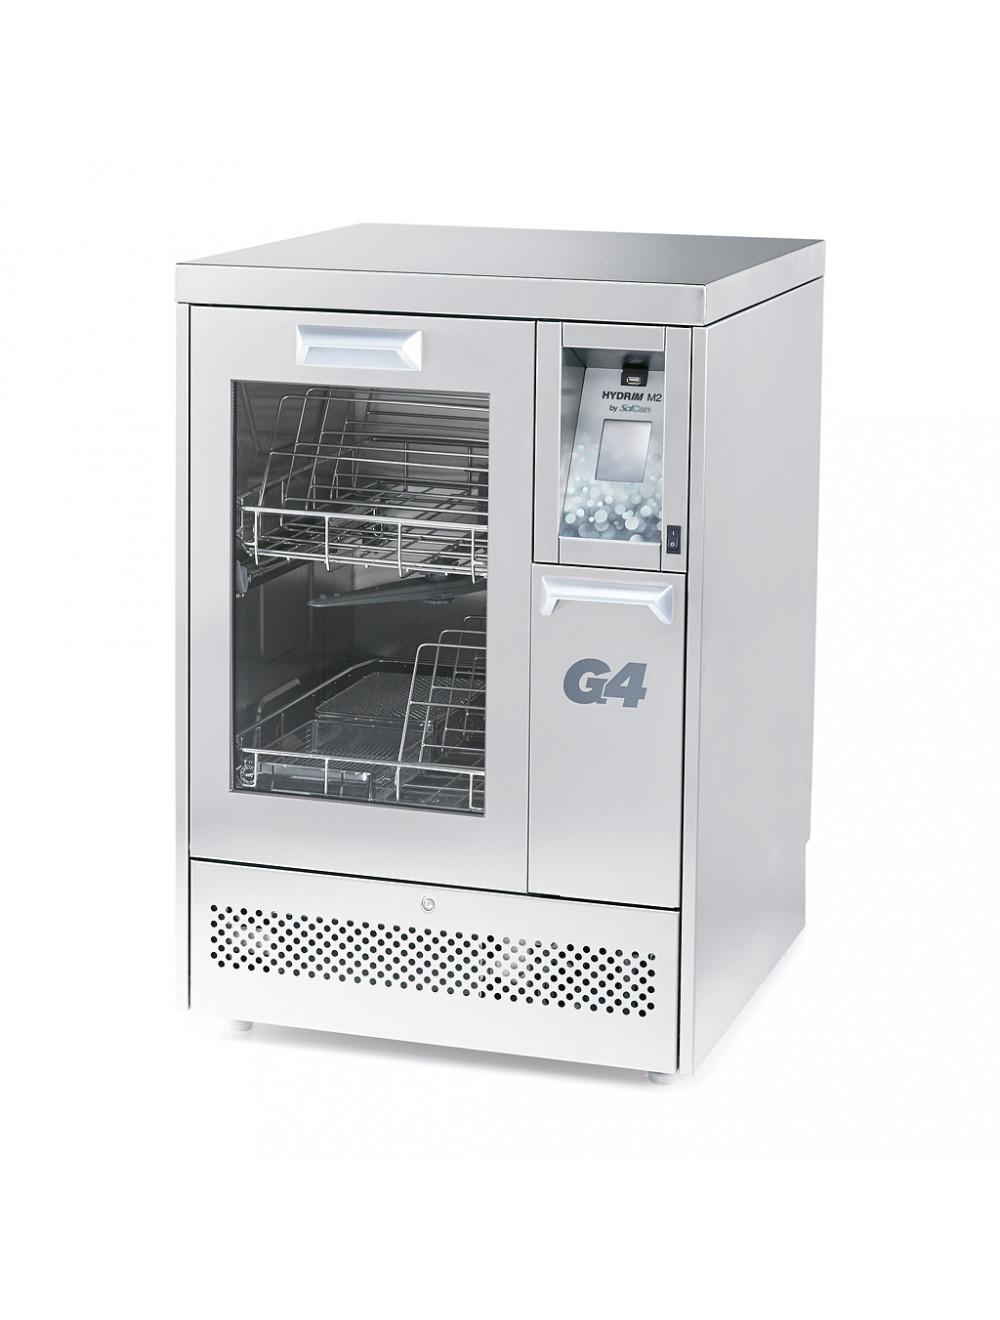 Scican Reinigungs- und Desinfektionsgerät HYDRIM M2, G4-Cloud M2WD-D02SH-G4, Einbaugerät, Beladungsoption 2 Reinigungsgeräte